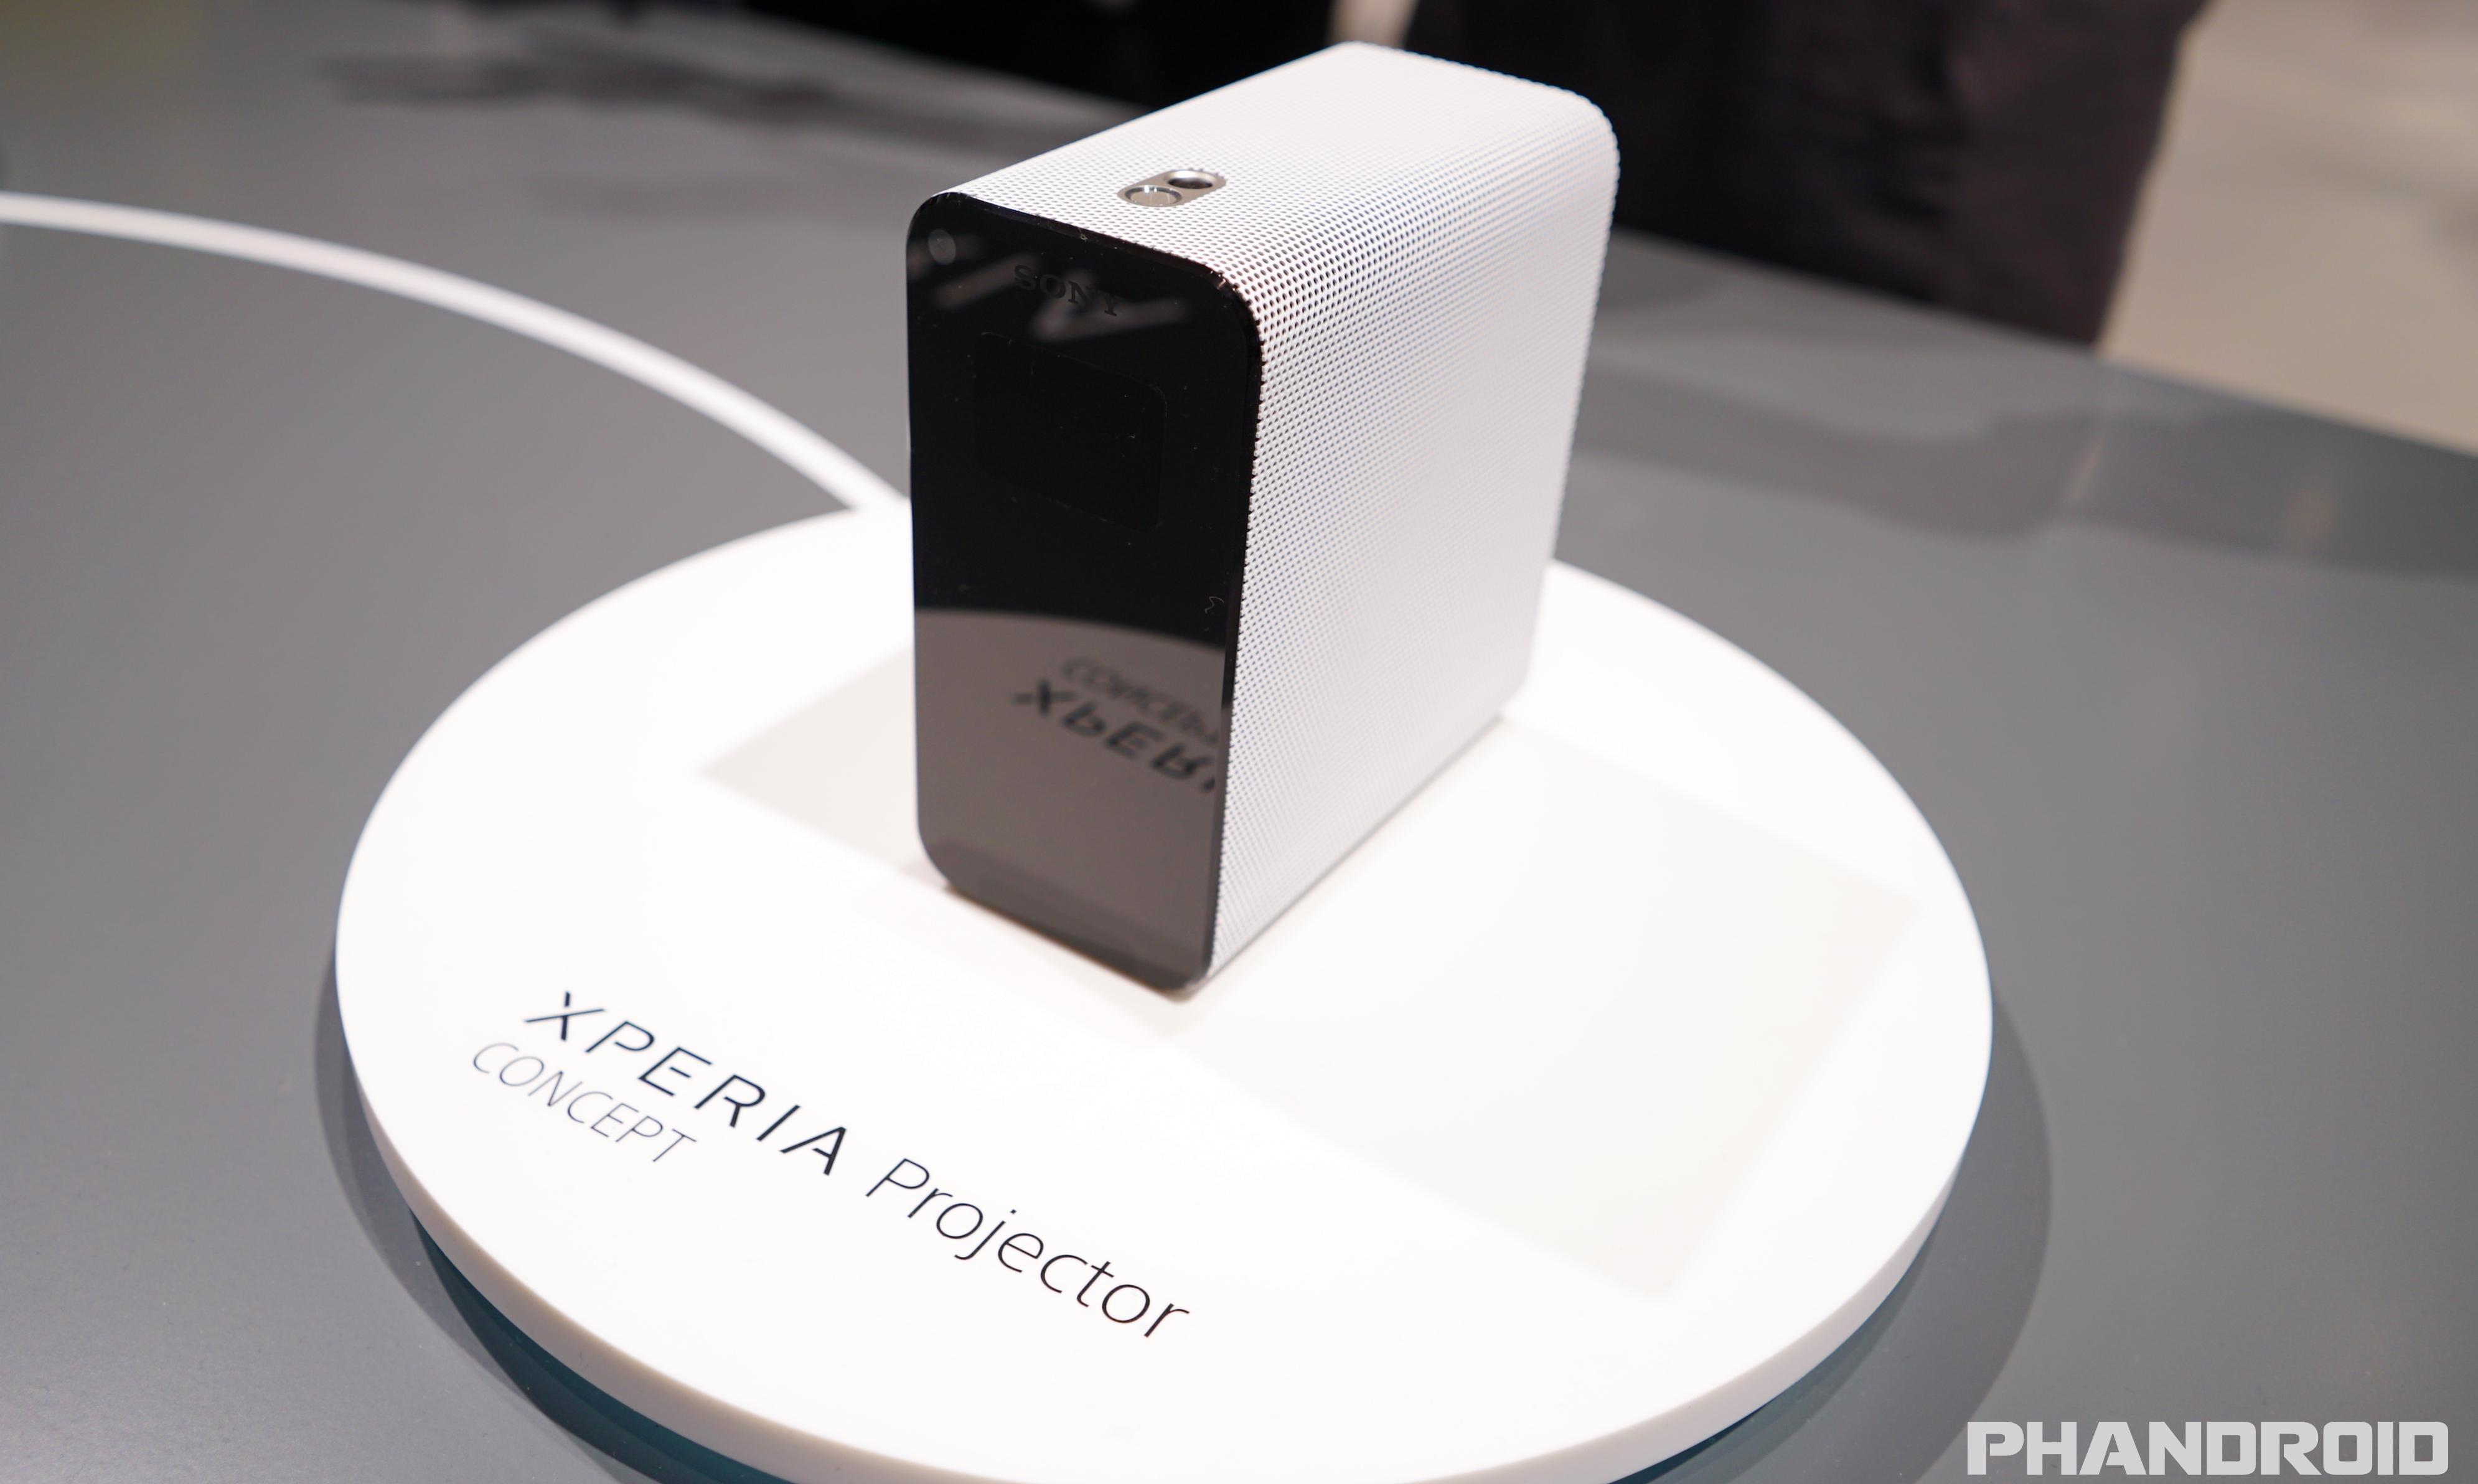 Un concepto unico en el nuevo dispositivo de la compañia el Sony Xperia Projector